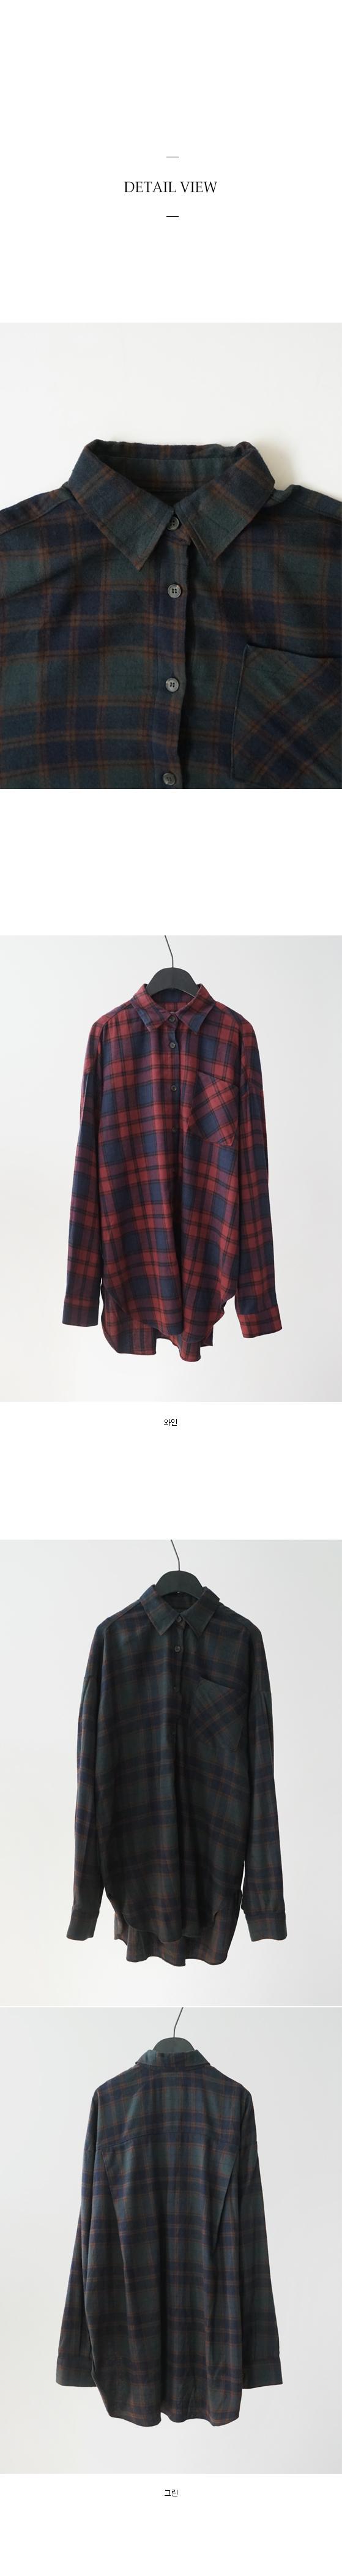 vintage long check shirt